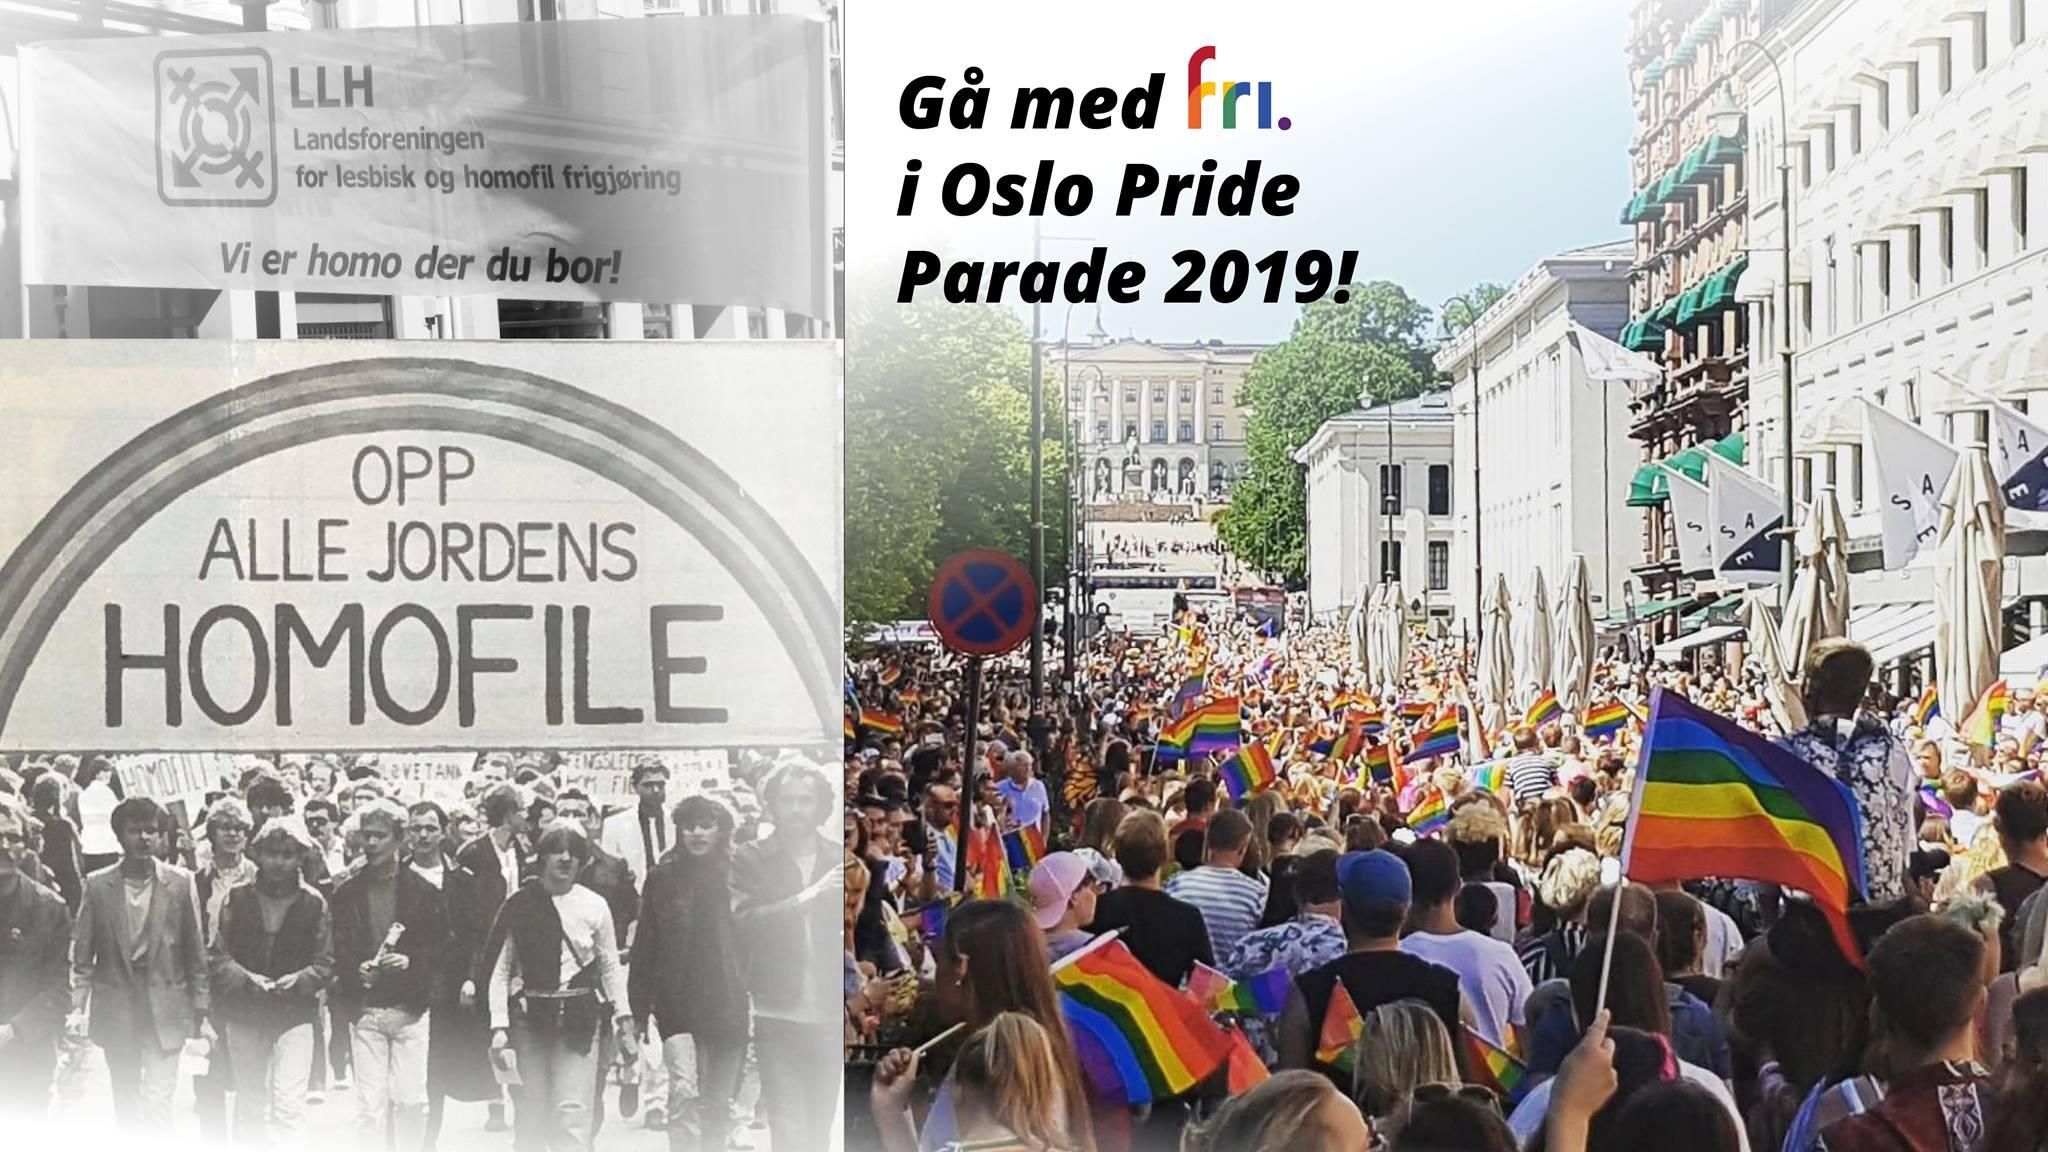 Gå med FRI i Oslo Pride Parade 2019. Gå for alle som gikk foran! Lørdag 22. juni.